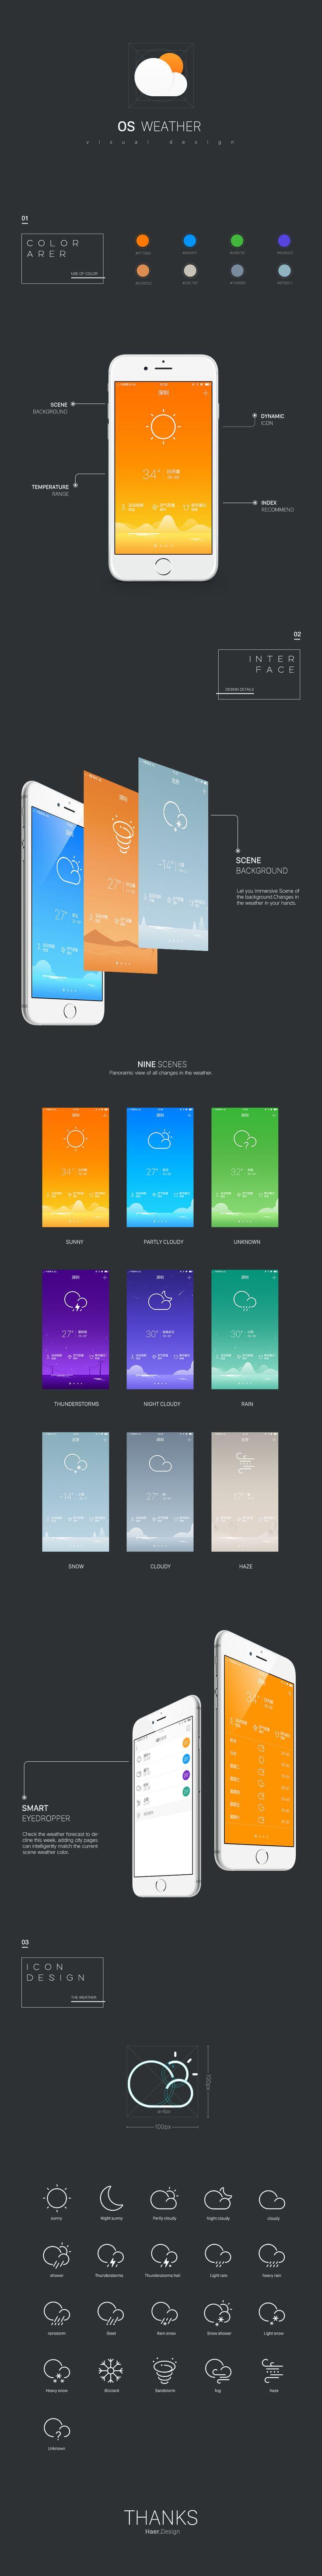 OS UI | 天气界面设计